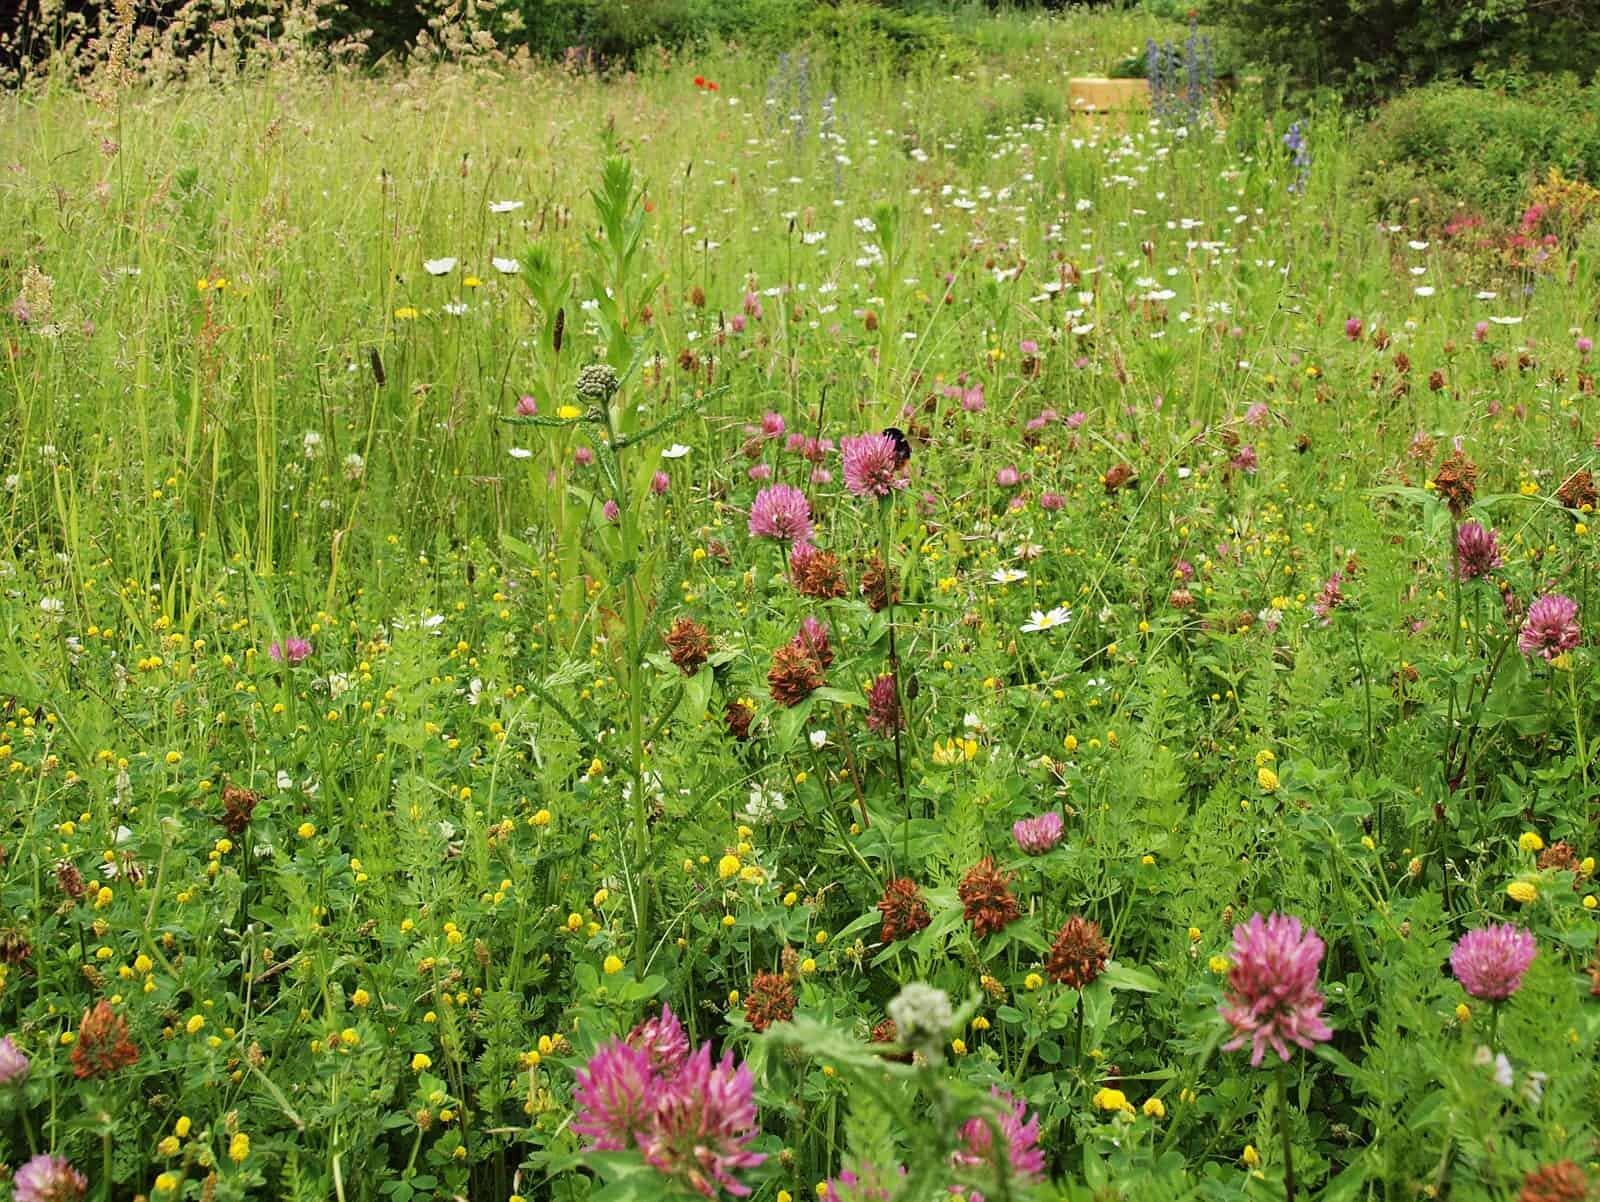 Foto: Blühfläche in einem Privatgarten. Fotoautor: Johann Hertel